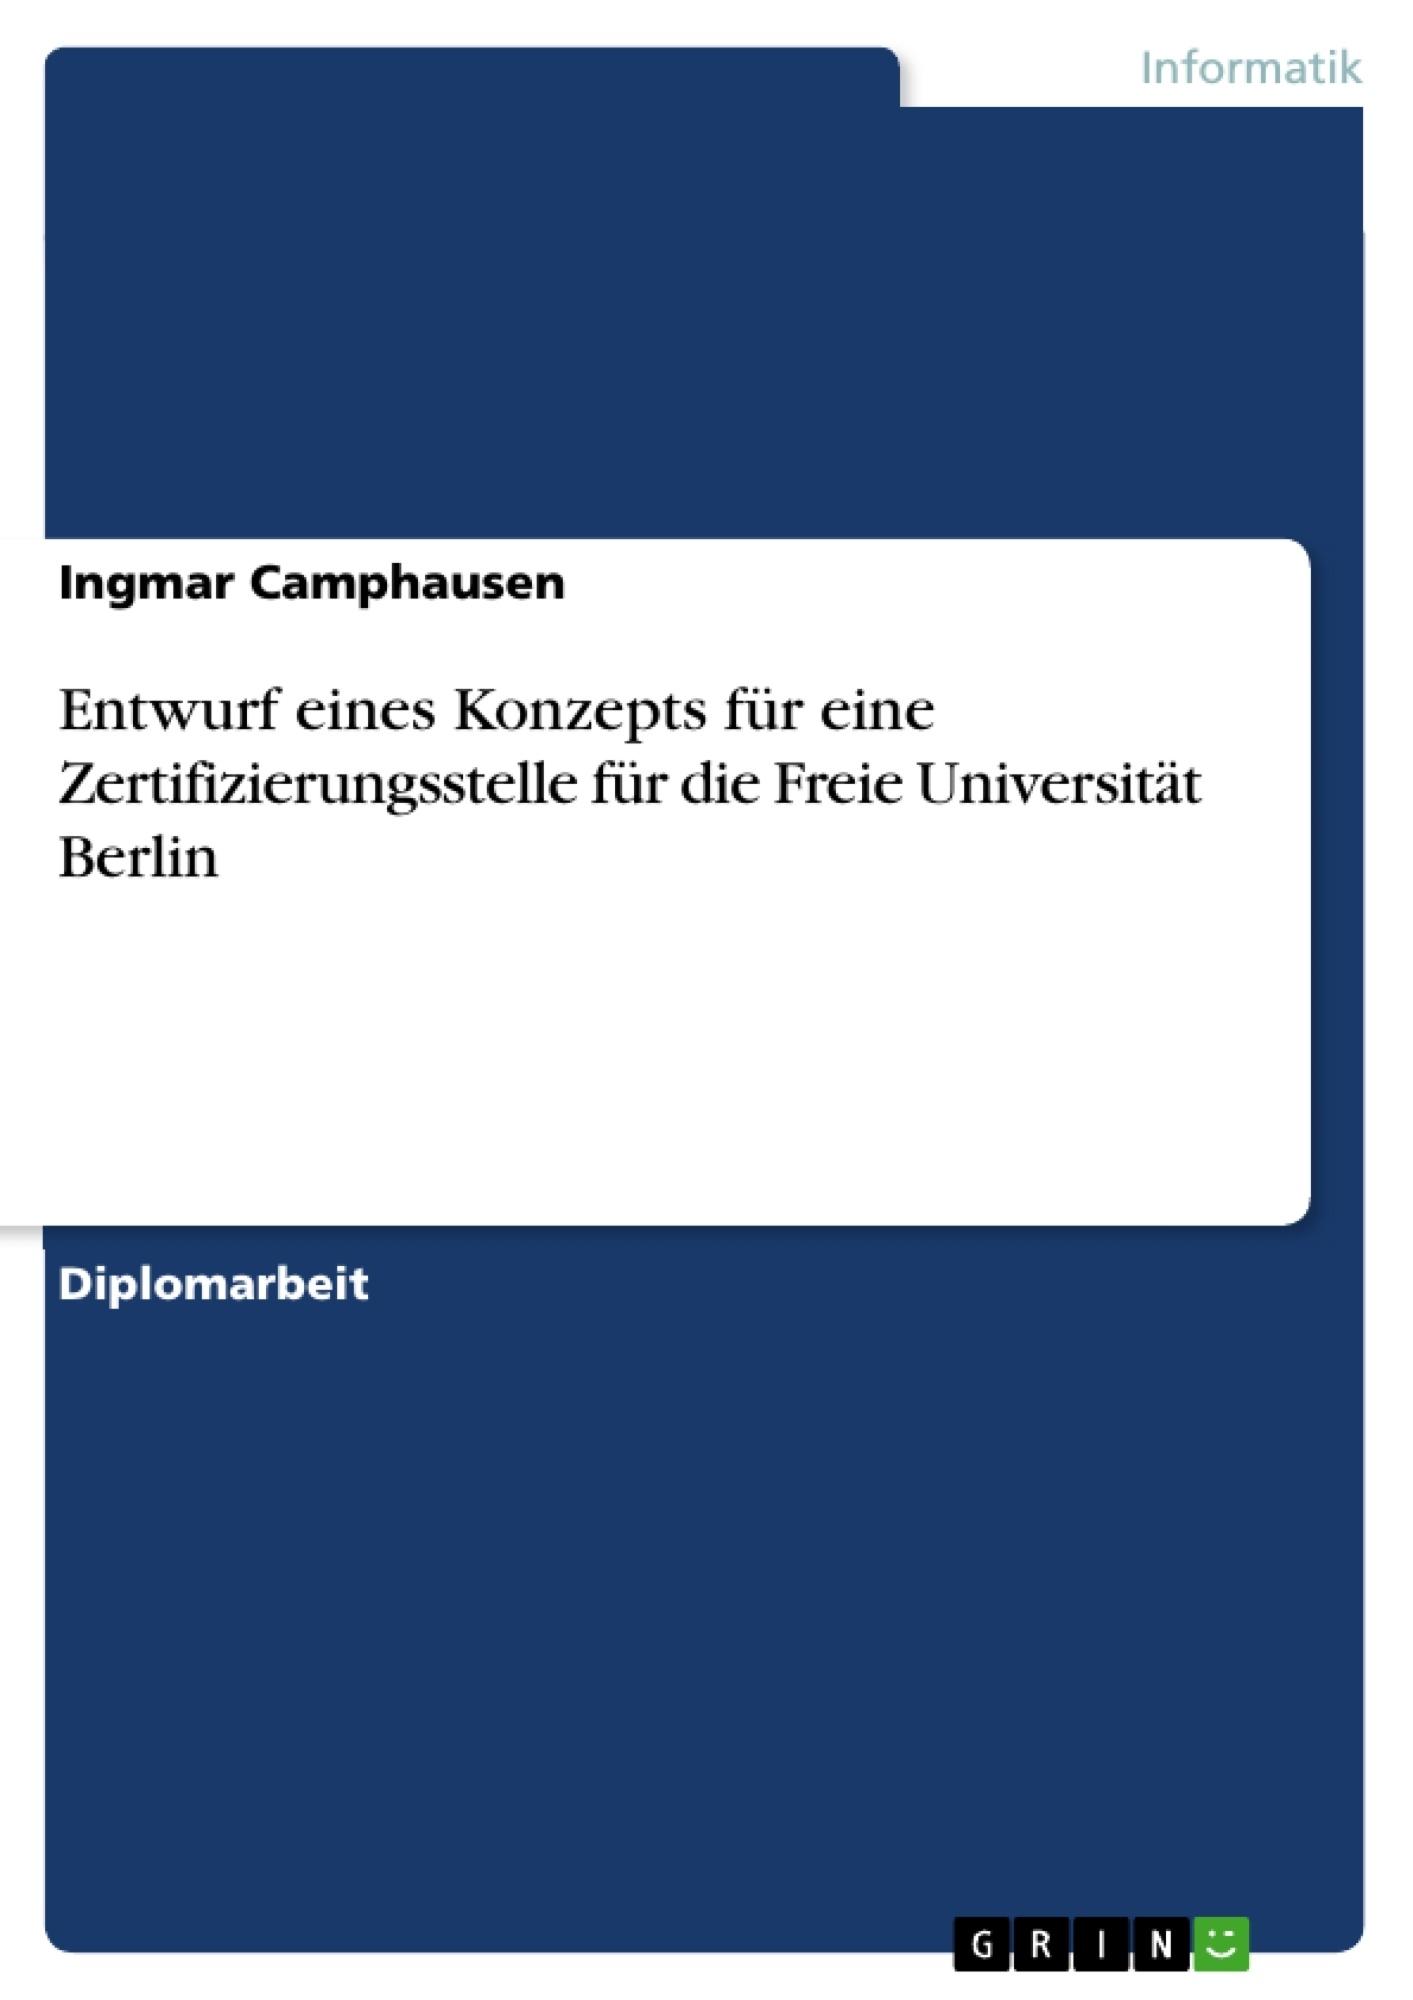 Titel: Entwurf eines Konzepts für eine Zertifizierungsstelle für die Freie Universität Berlin